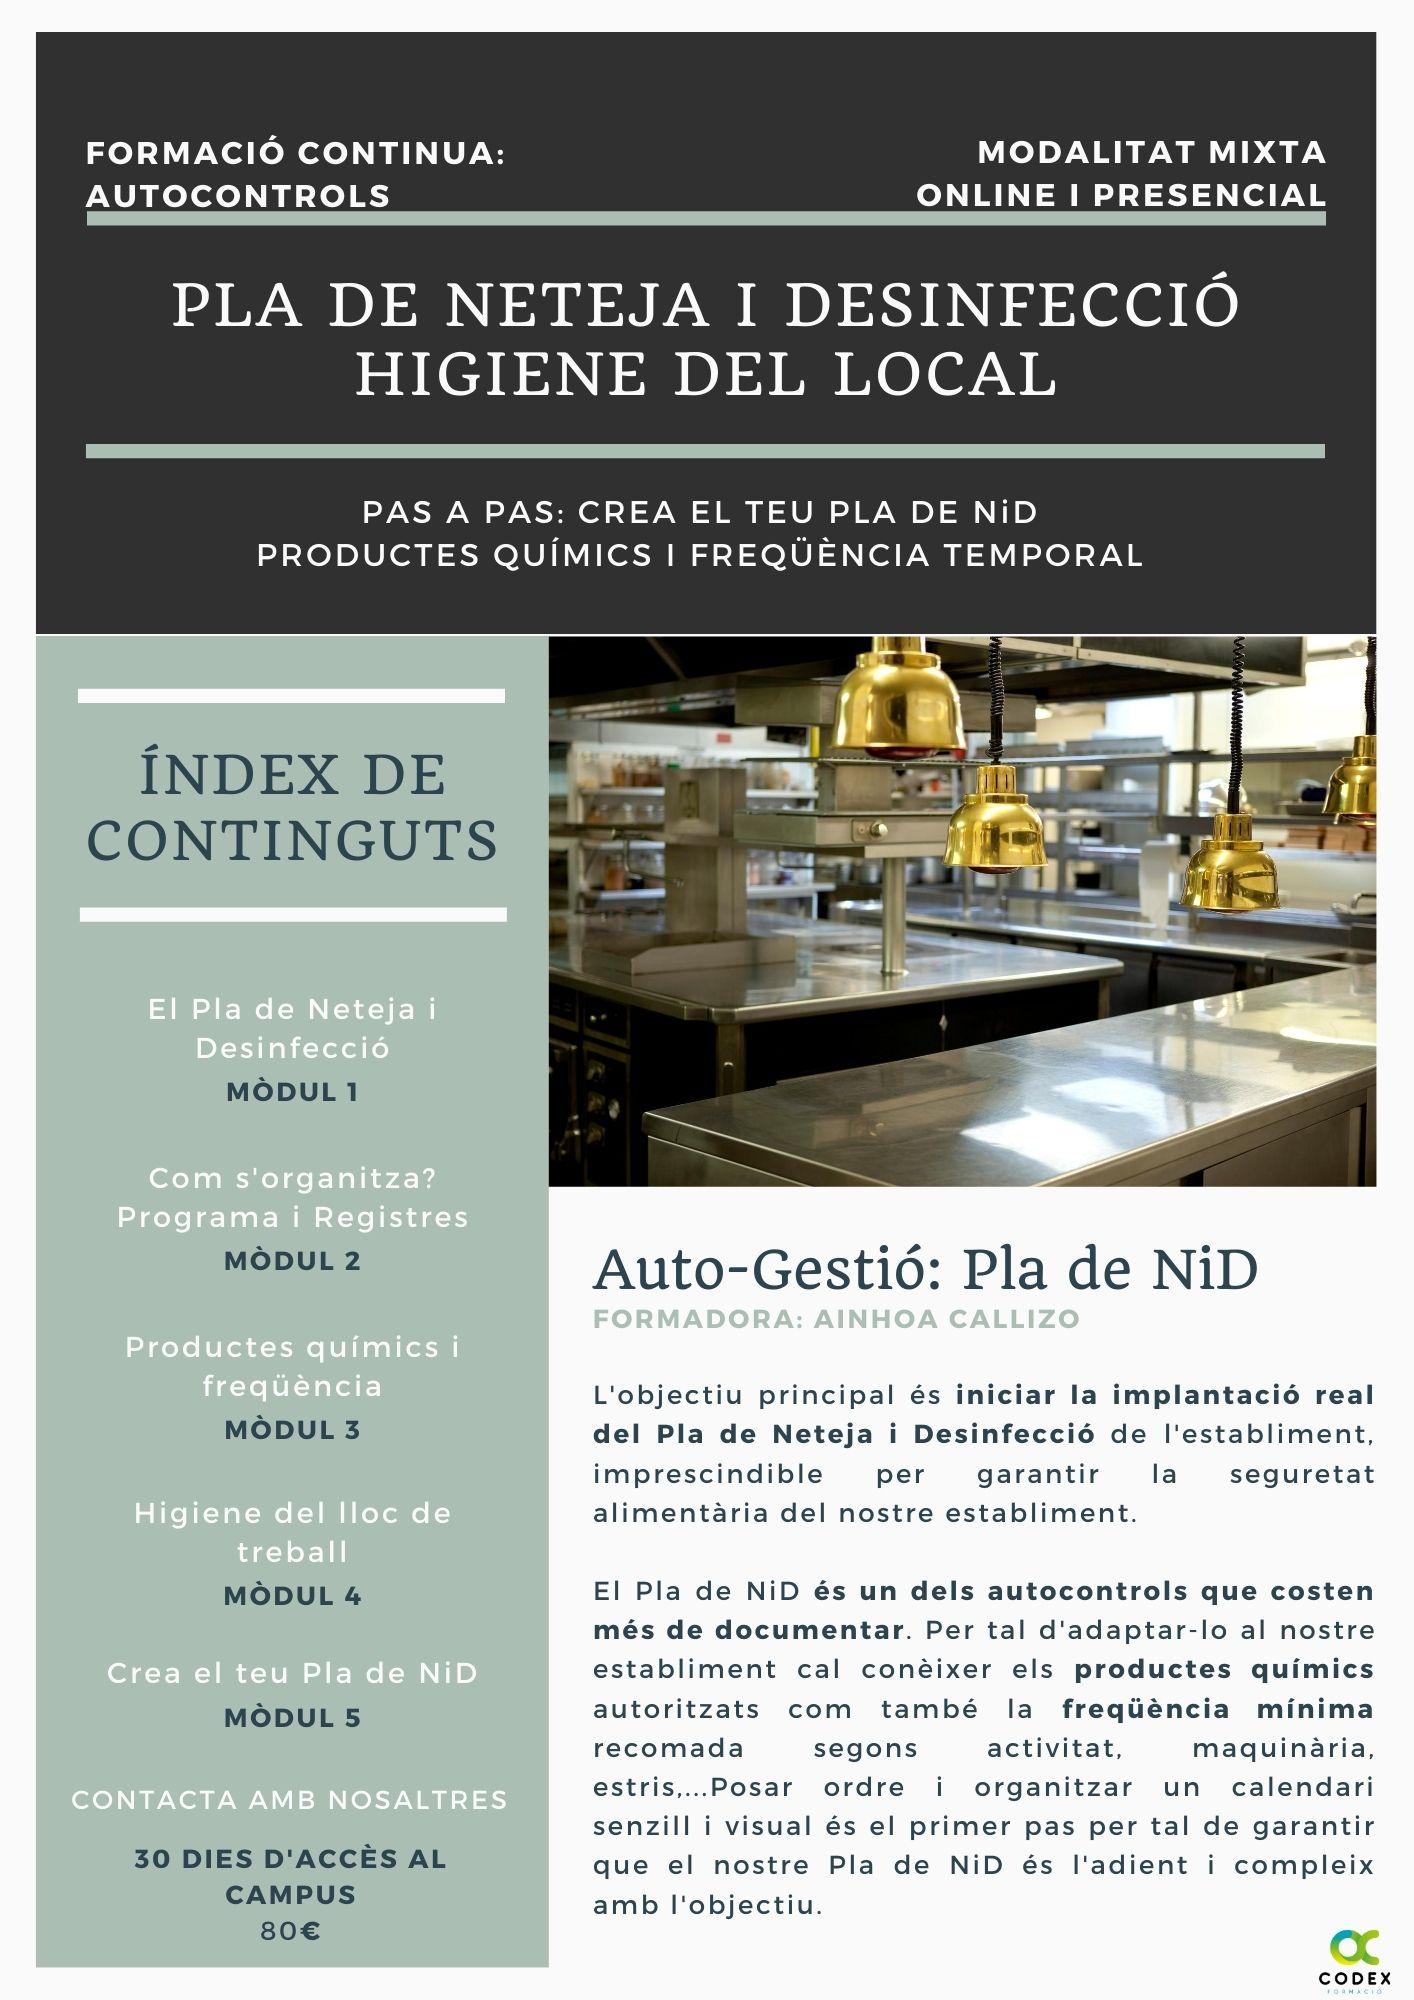 Codex Formació Seguretat Alimentària